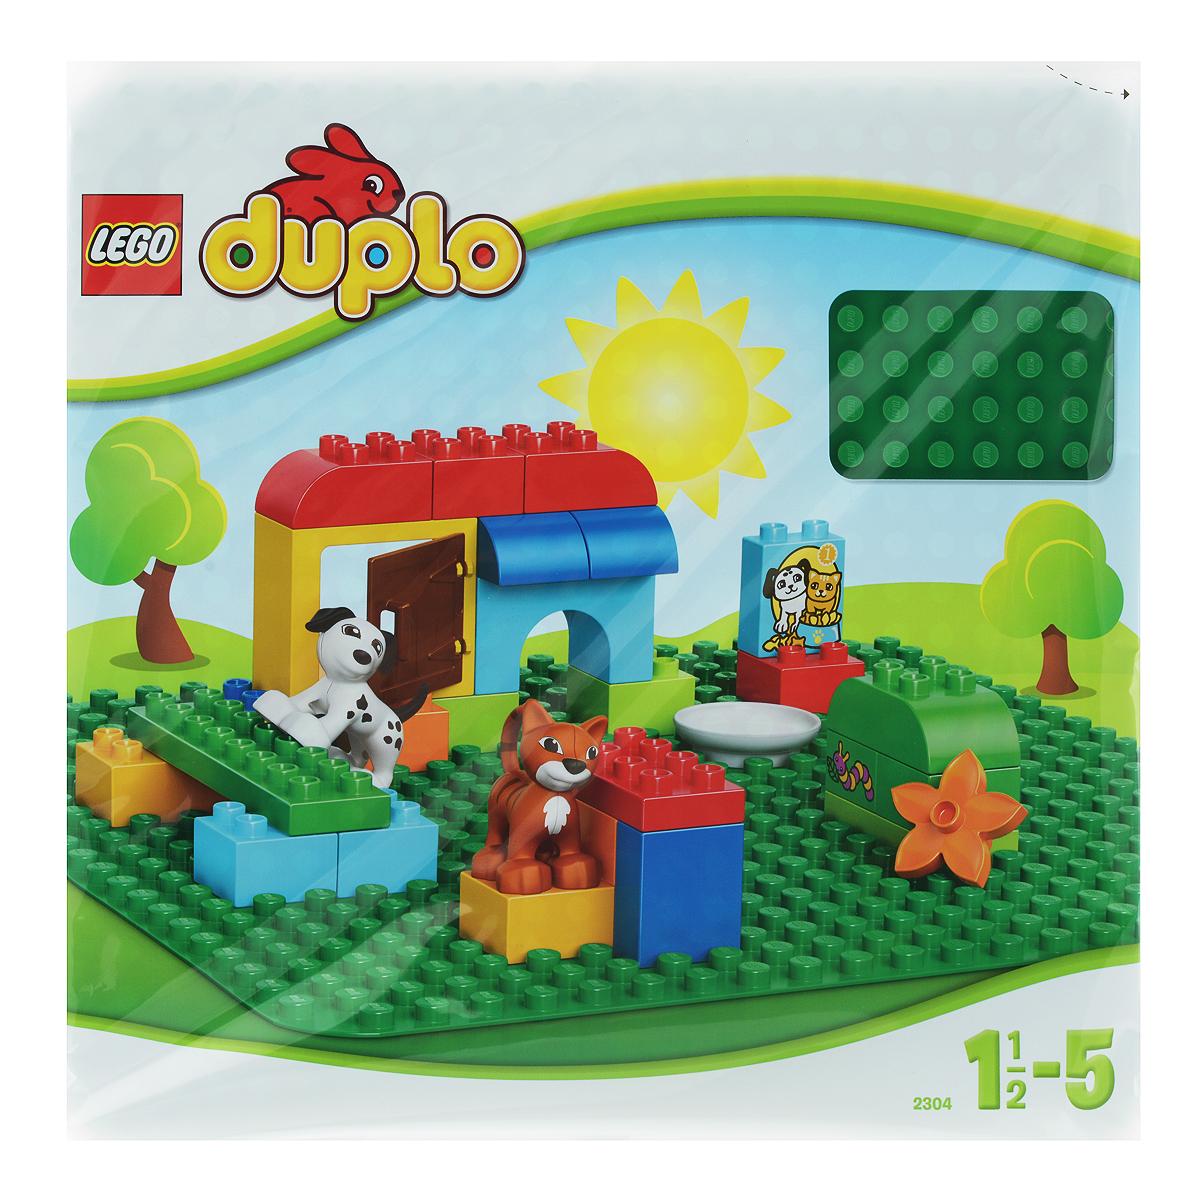 LEGO DUPLO Строительная пластина зеленого цвета